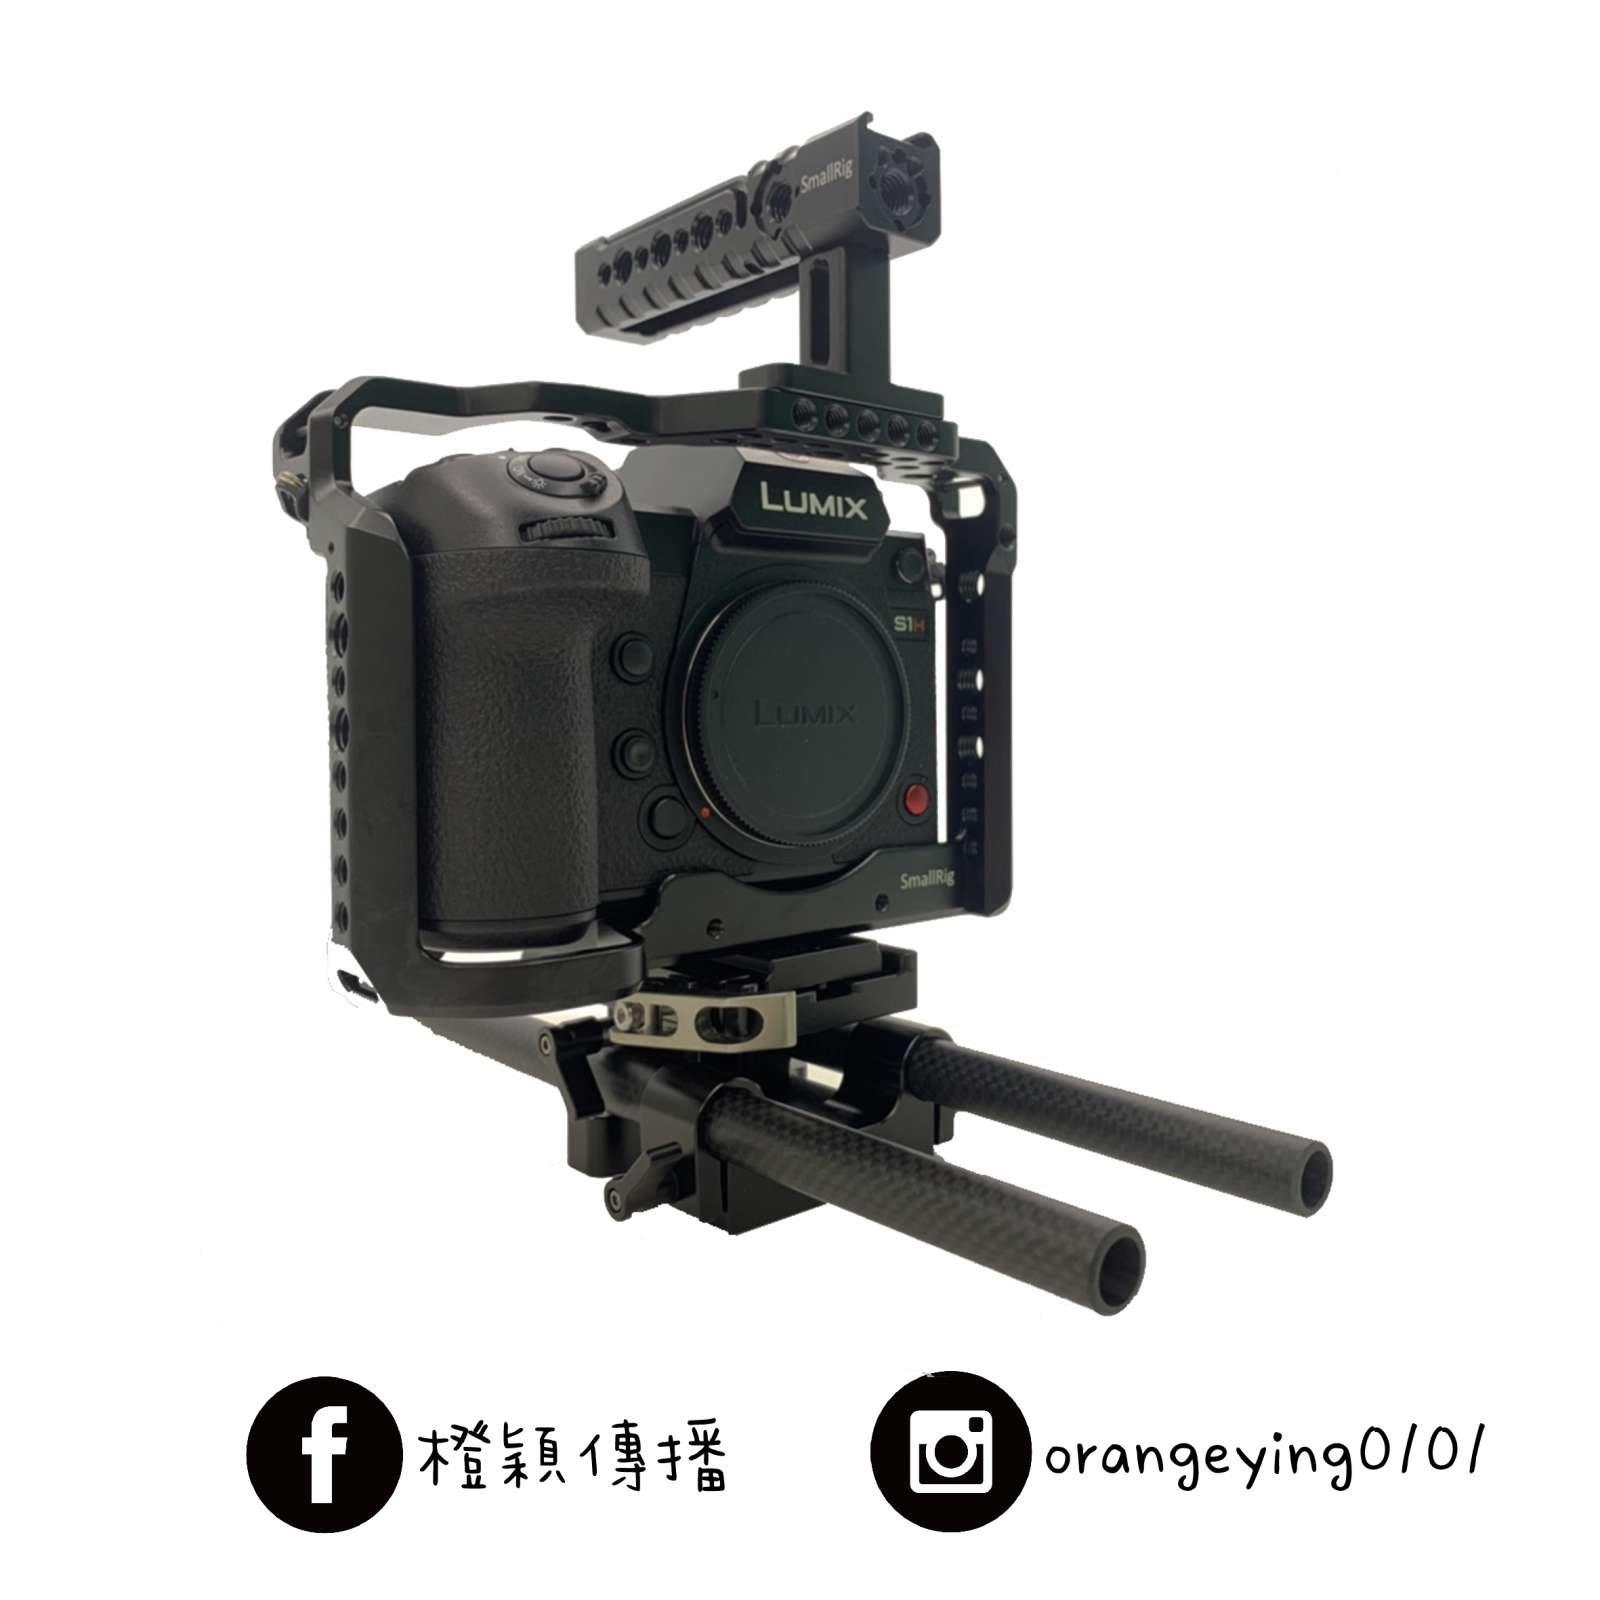 【器材出租】Panasonic S1H 單機身 含鐵龍(不分租) 1800/日